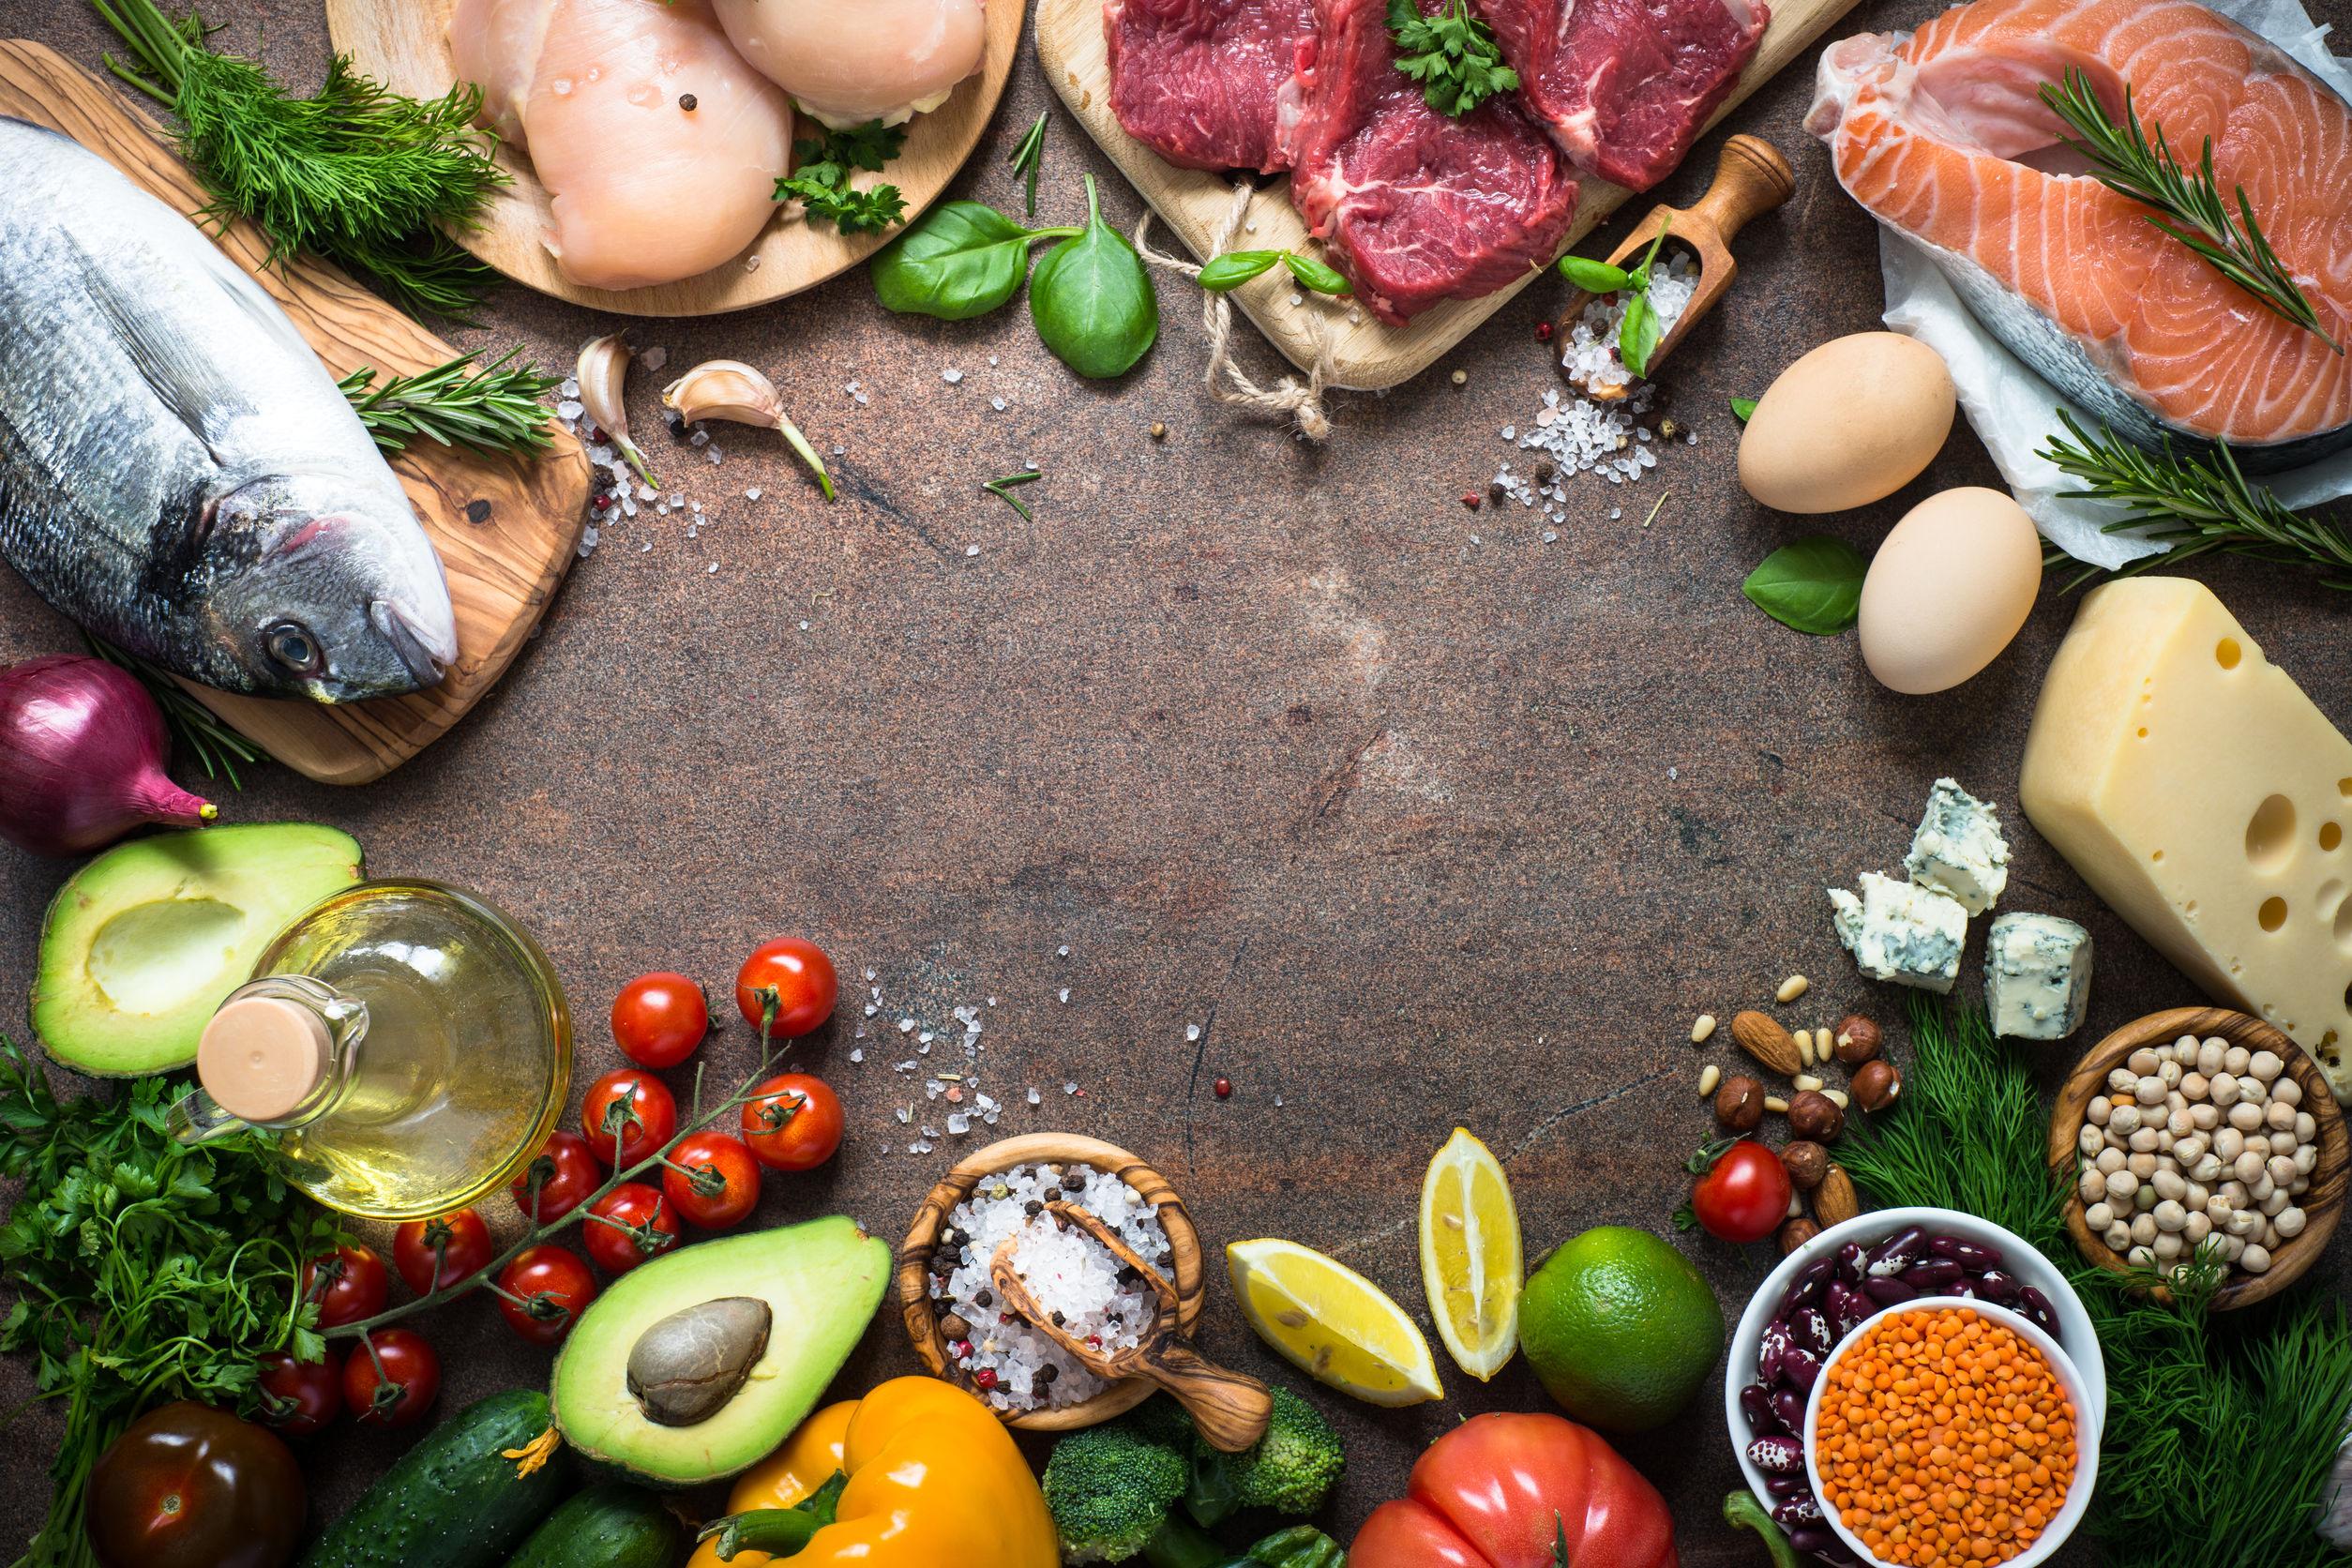 Τα καλά λιπαρά μπορούν να κατευνάσουν τα συμπτώματα της εμμηνόπαυσης